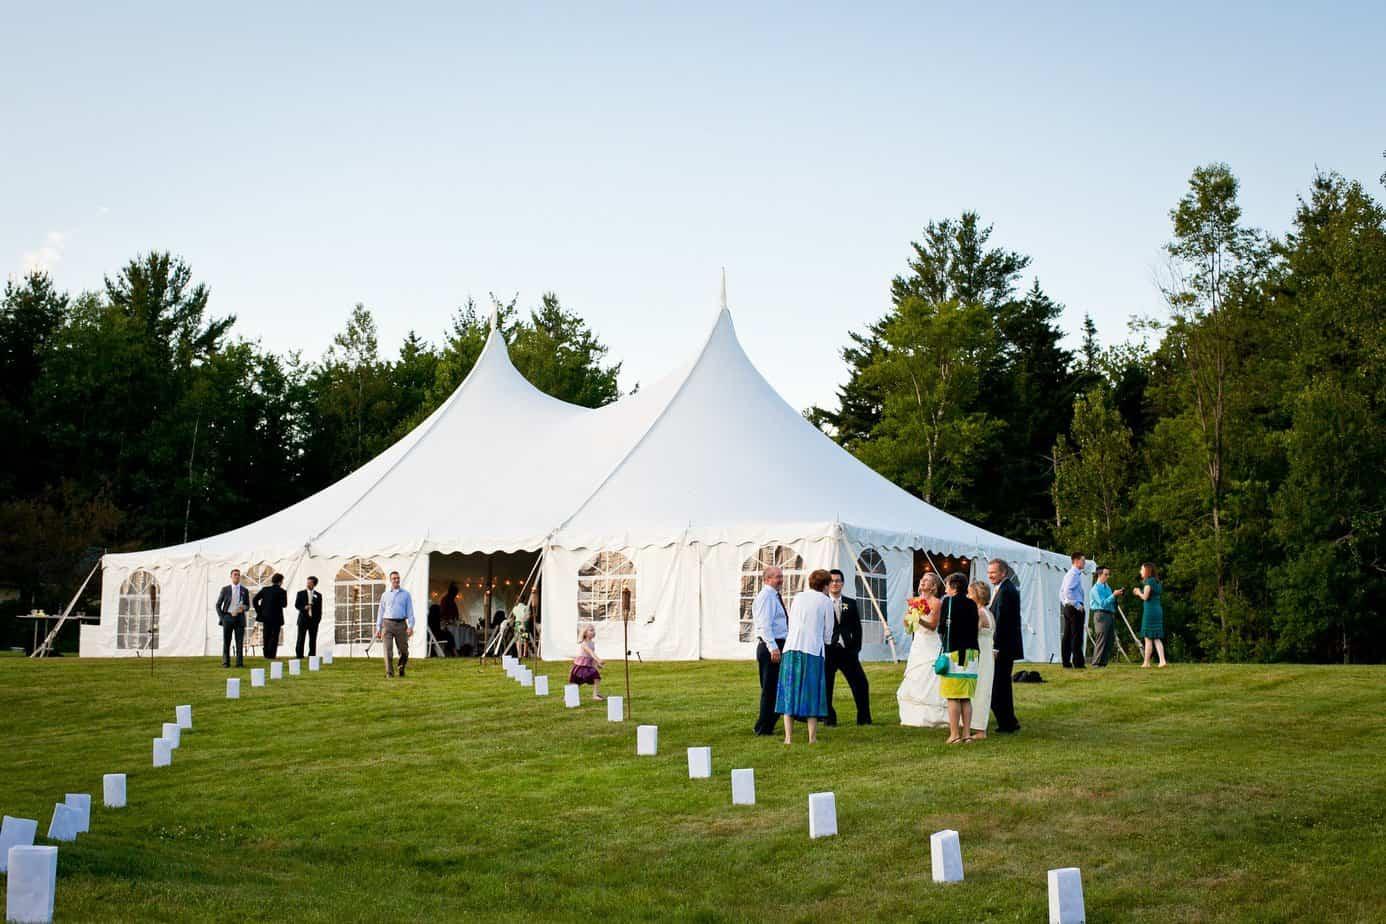 אוהלי נתנוב - אוהלים לאירועים | אוהלים למכירה